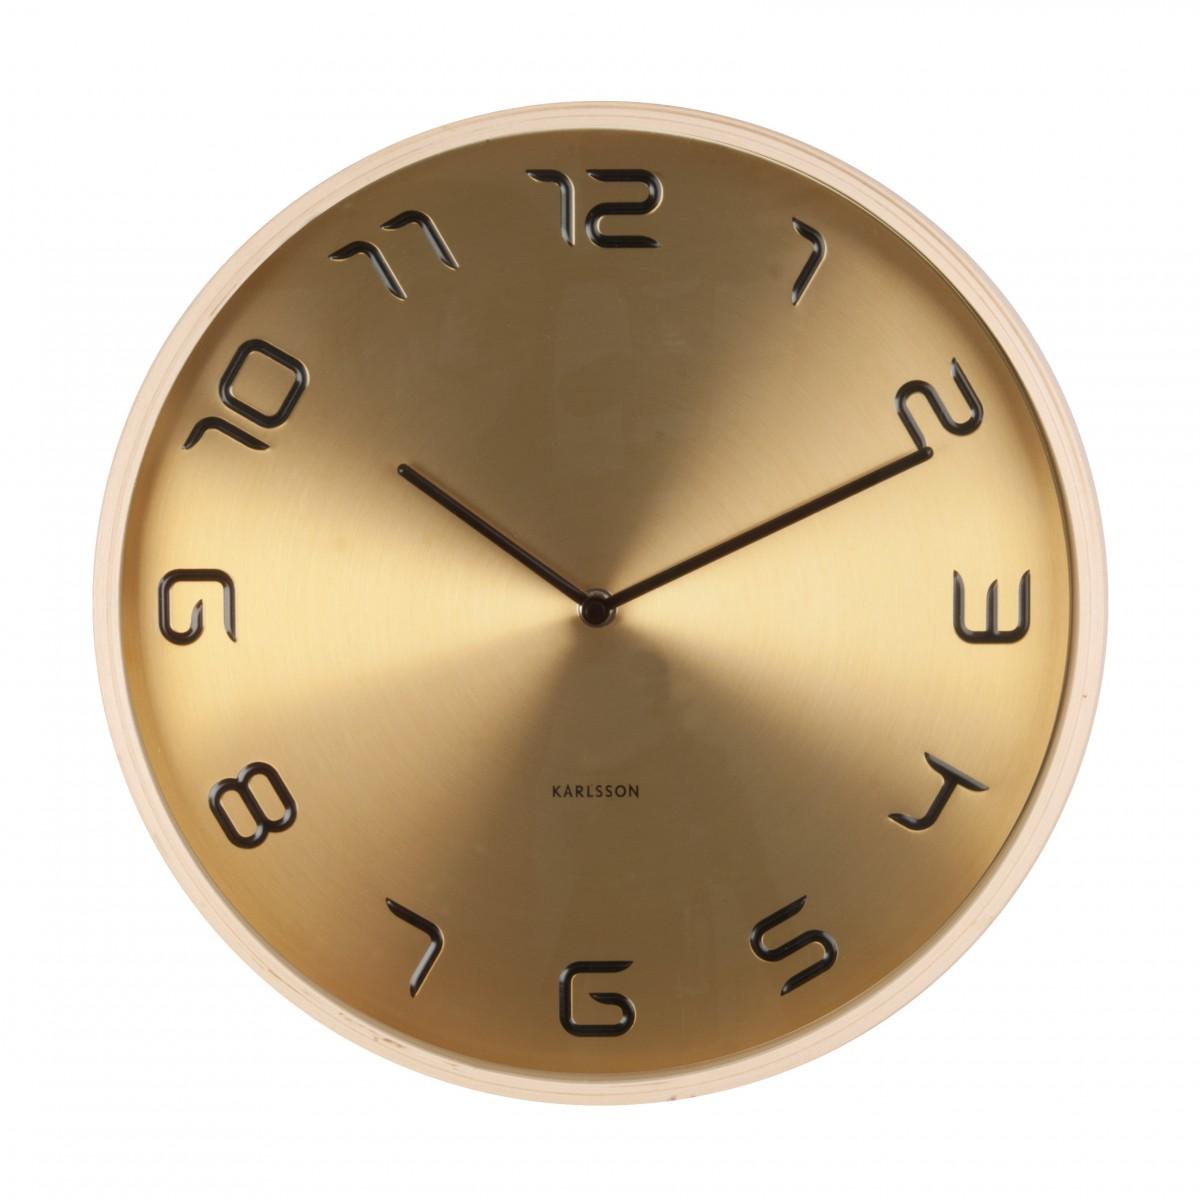 Ceas de perete Bent de lemn auriu, Karlsson